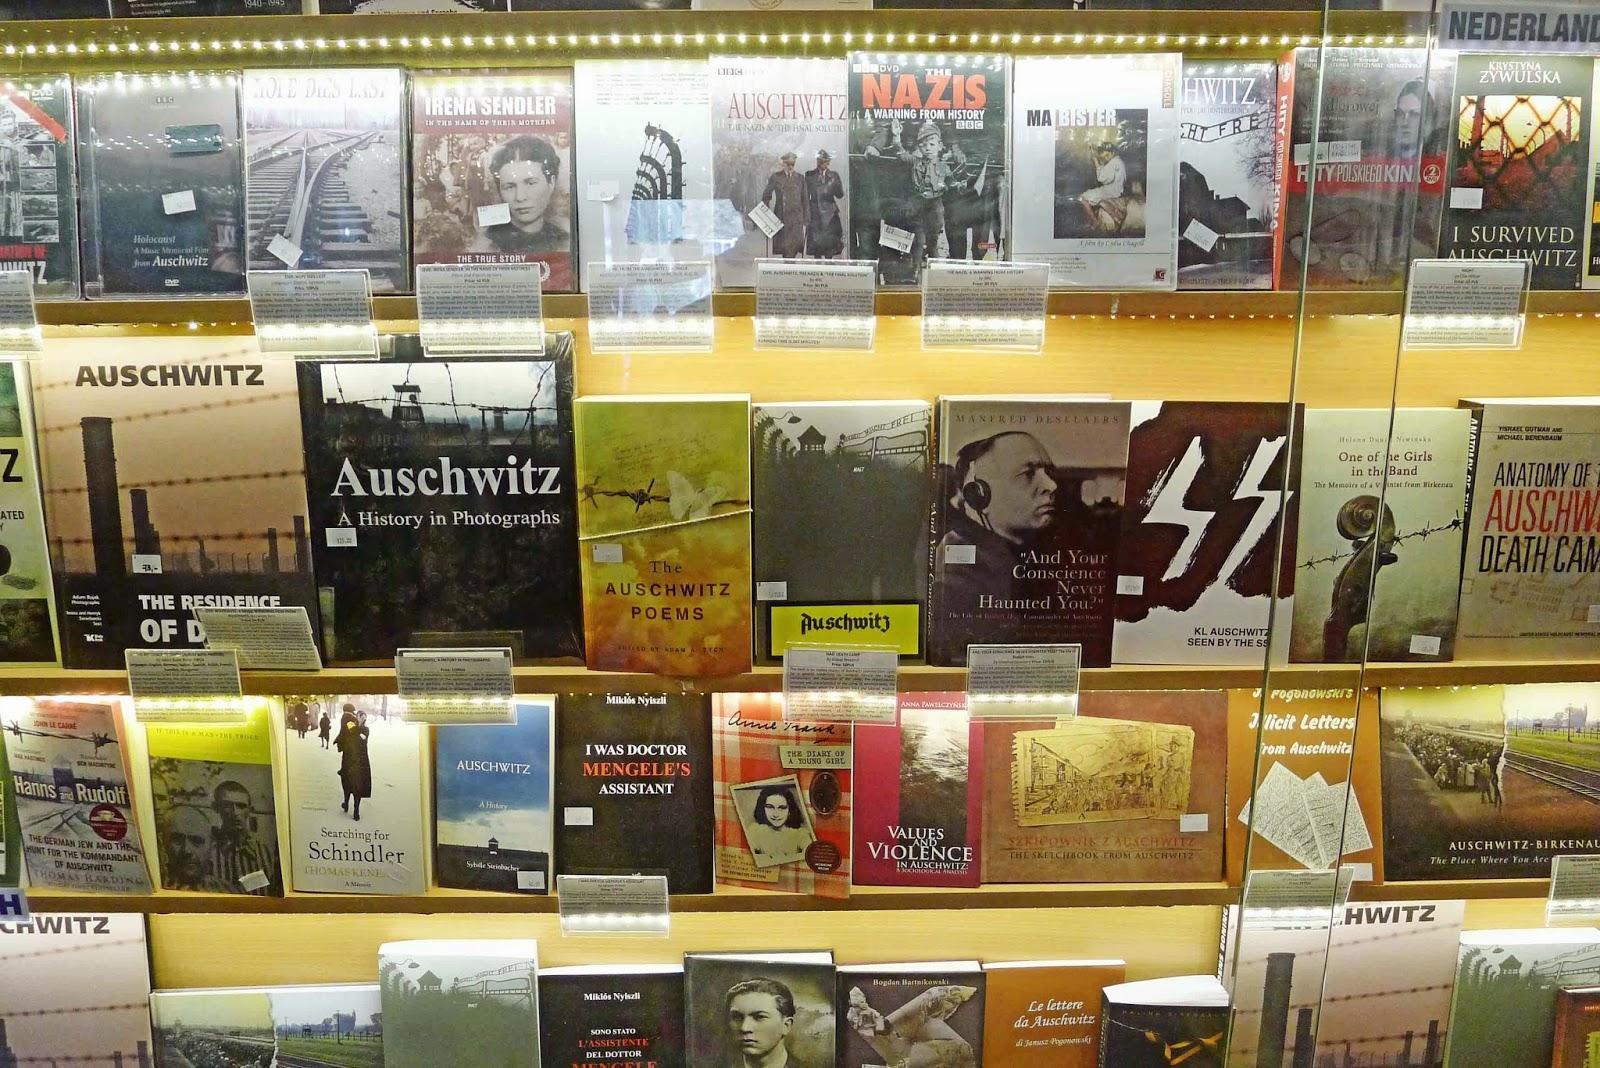 Books on Auschwitz